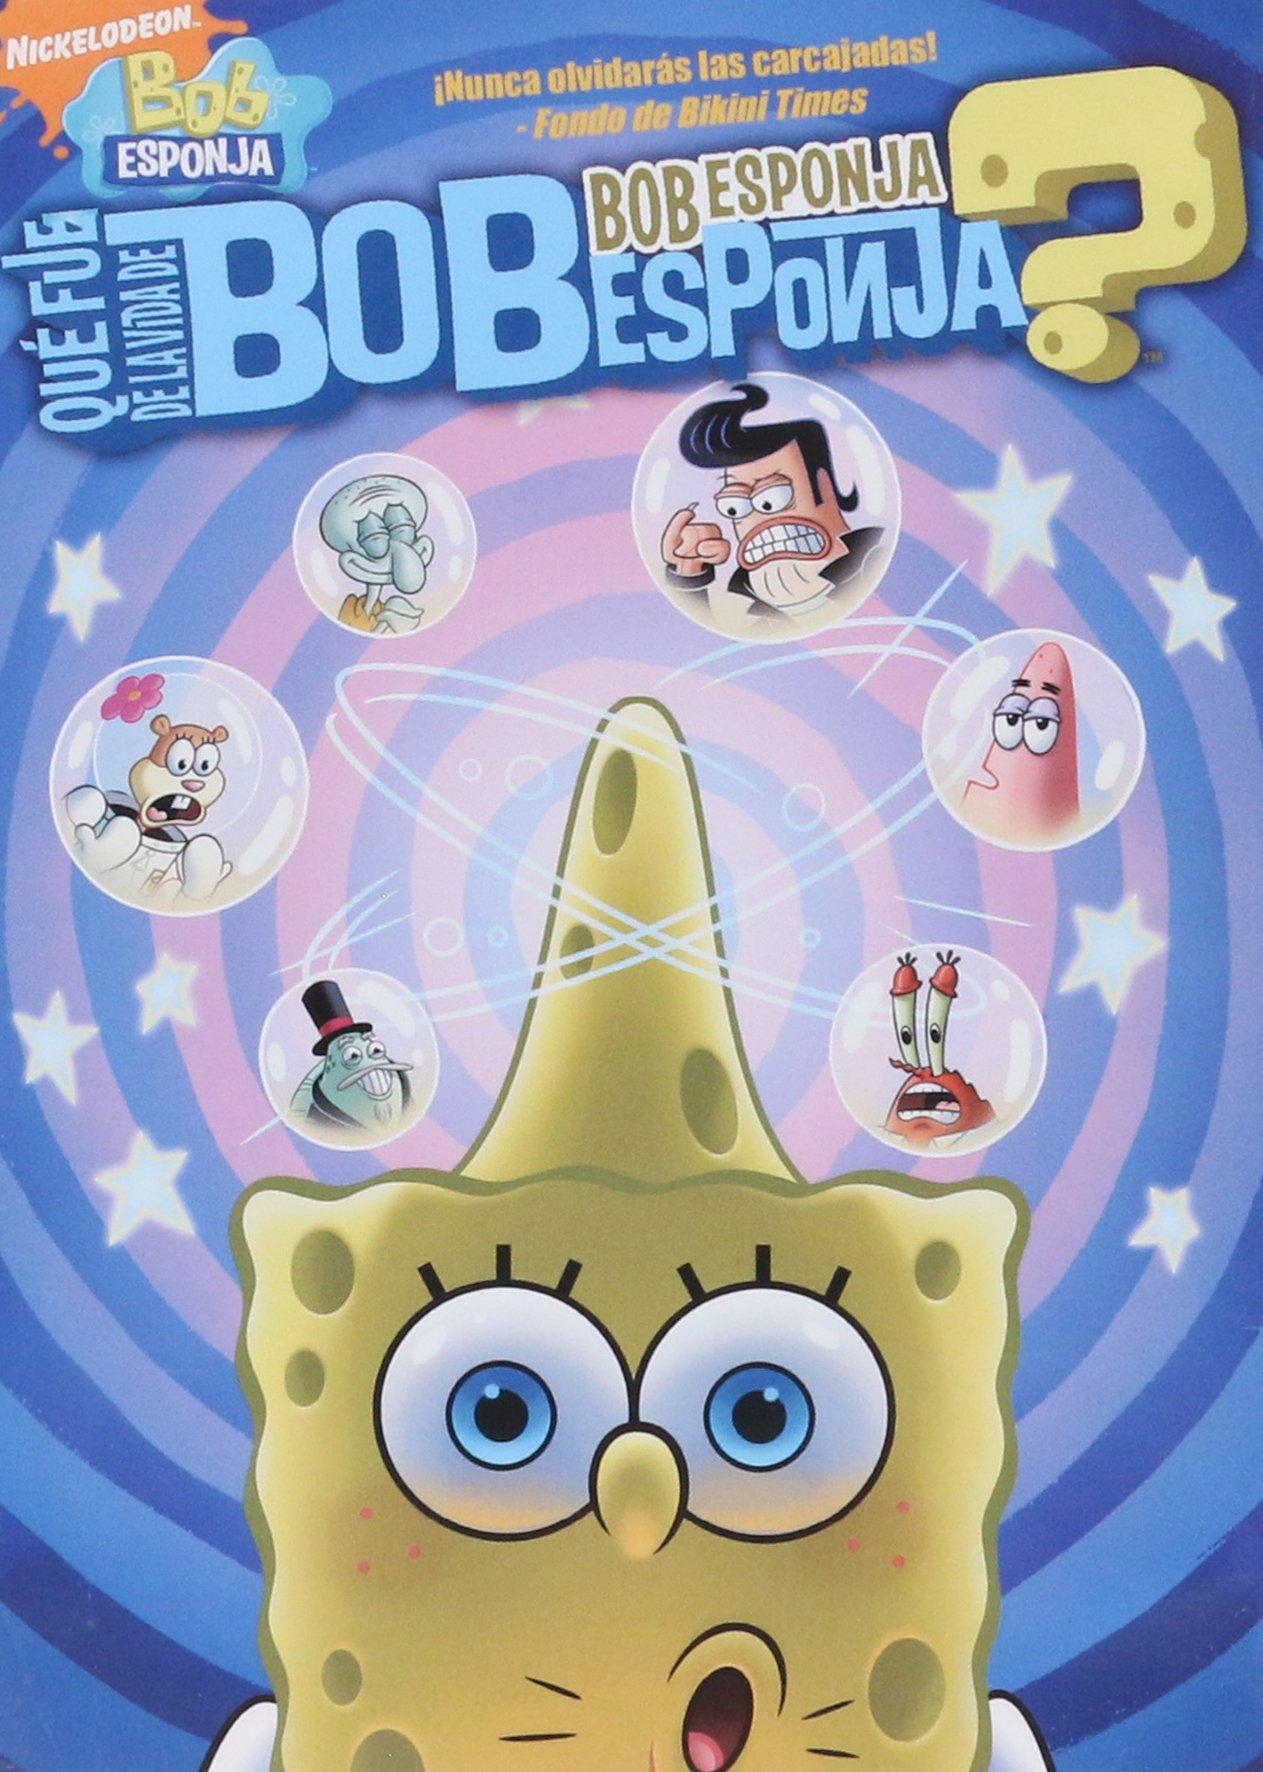 File:Que fue de la vida de Bob esponja.jpg